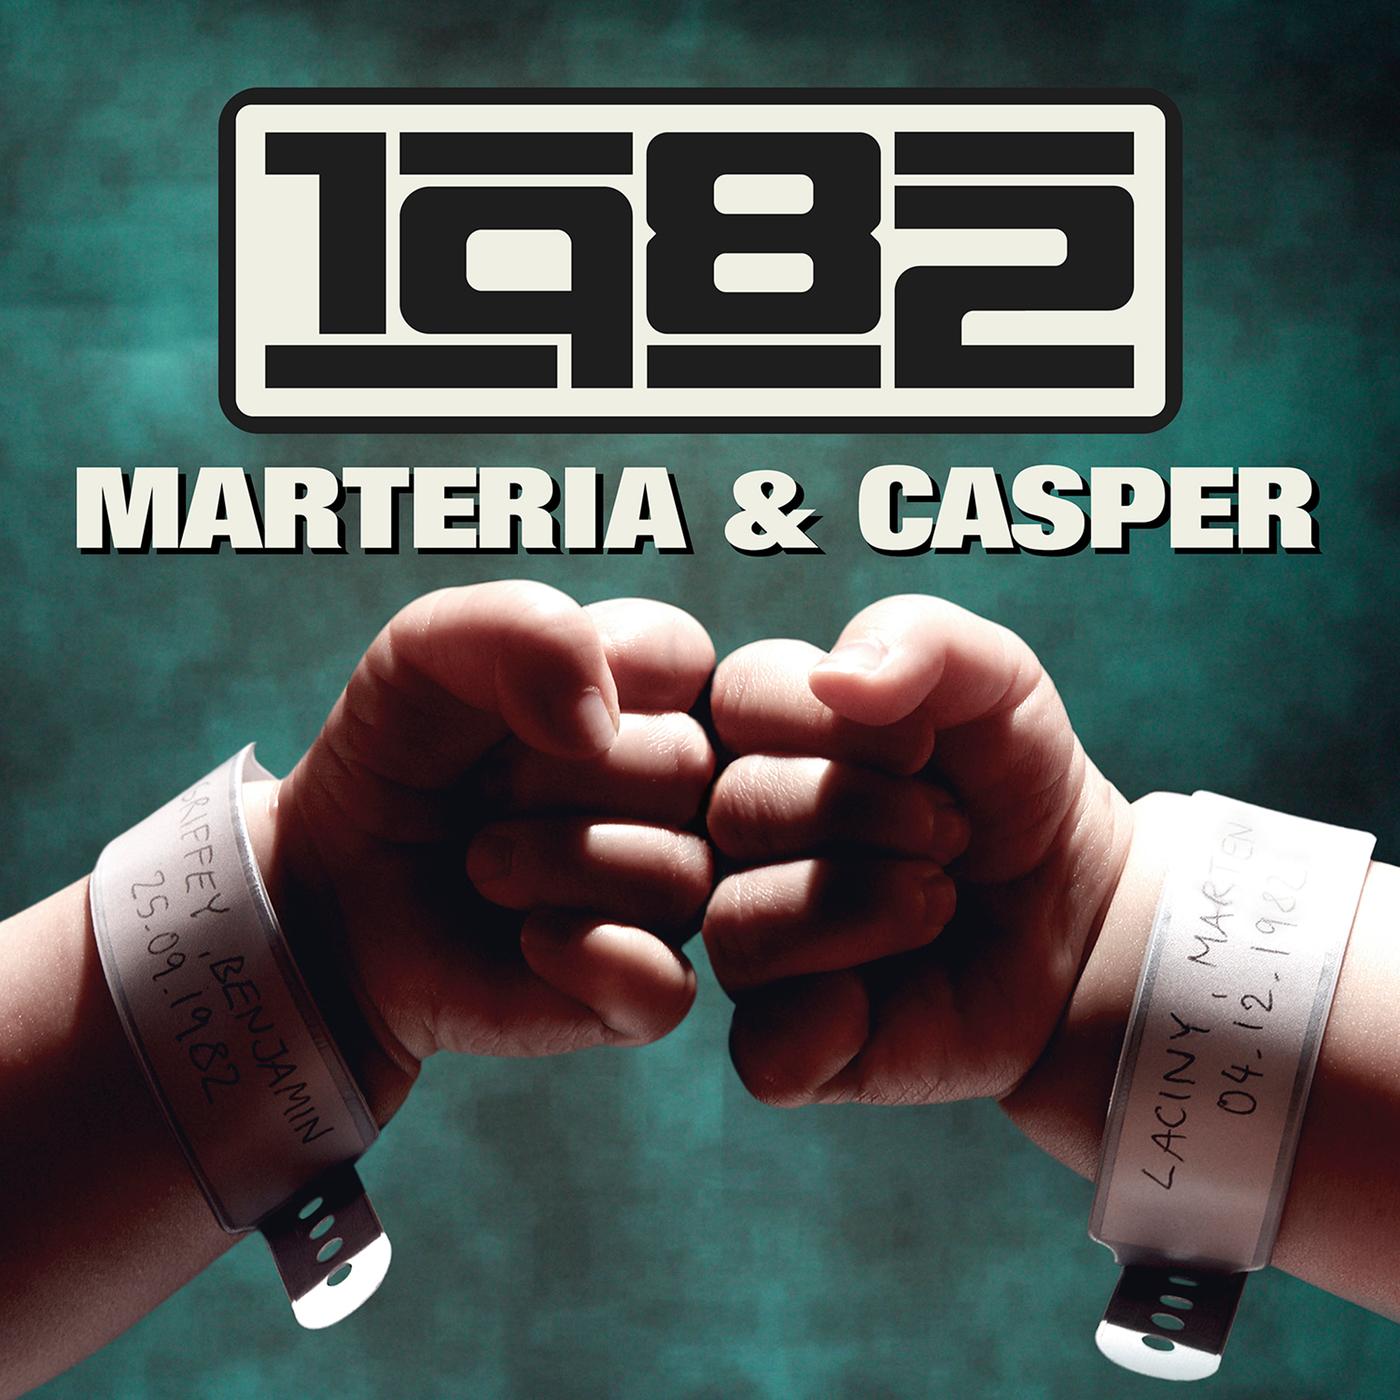 1982 - Marteria